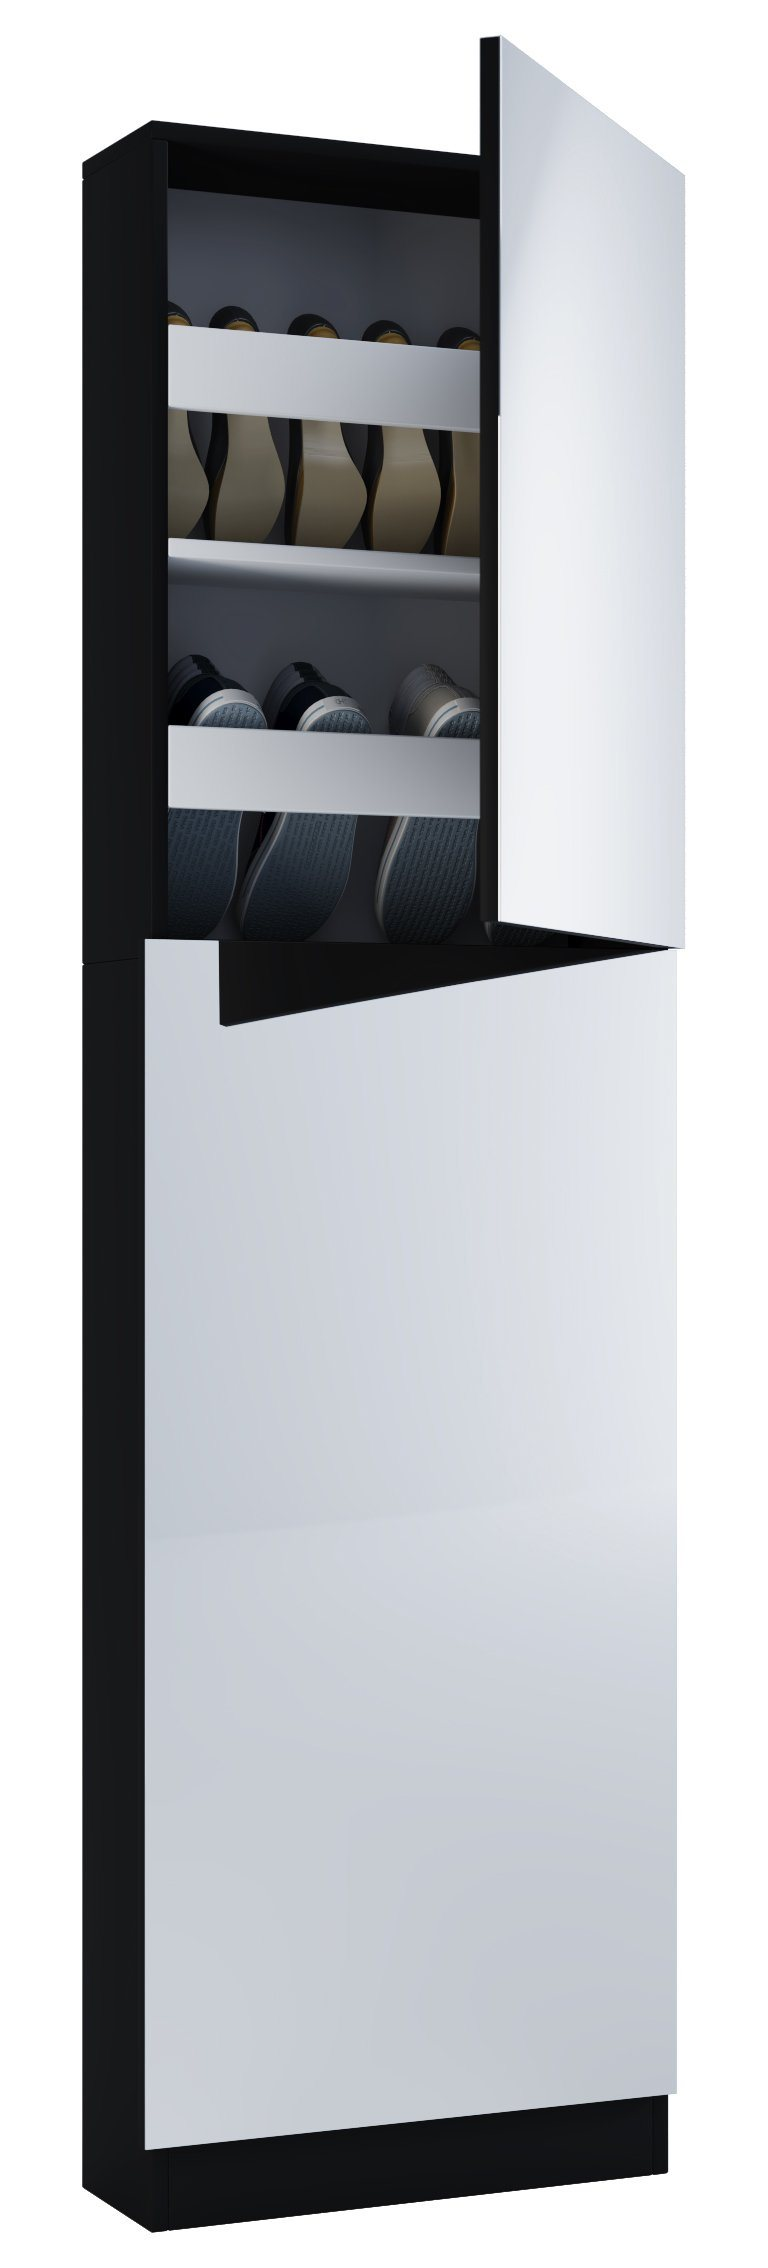 designer schuhschrank mit spiegel preisvergleich die besten angebote online kaufen. Black Bedroom Furniture Sets. Home Design Ideas